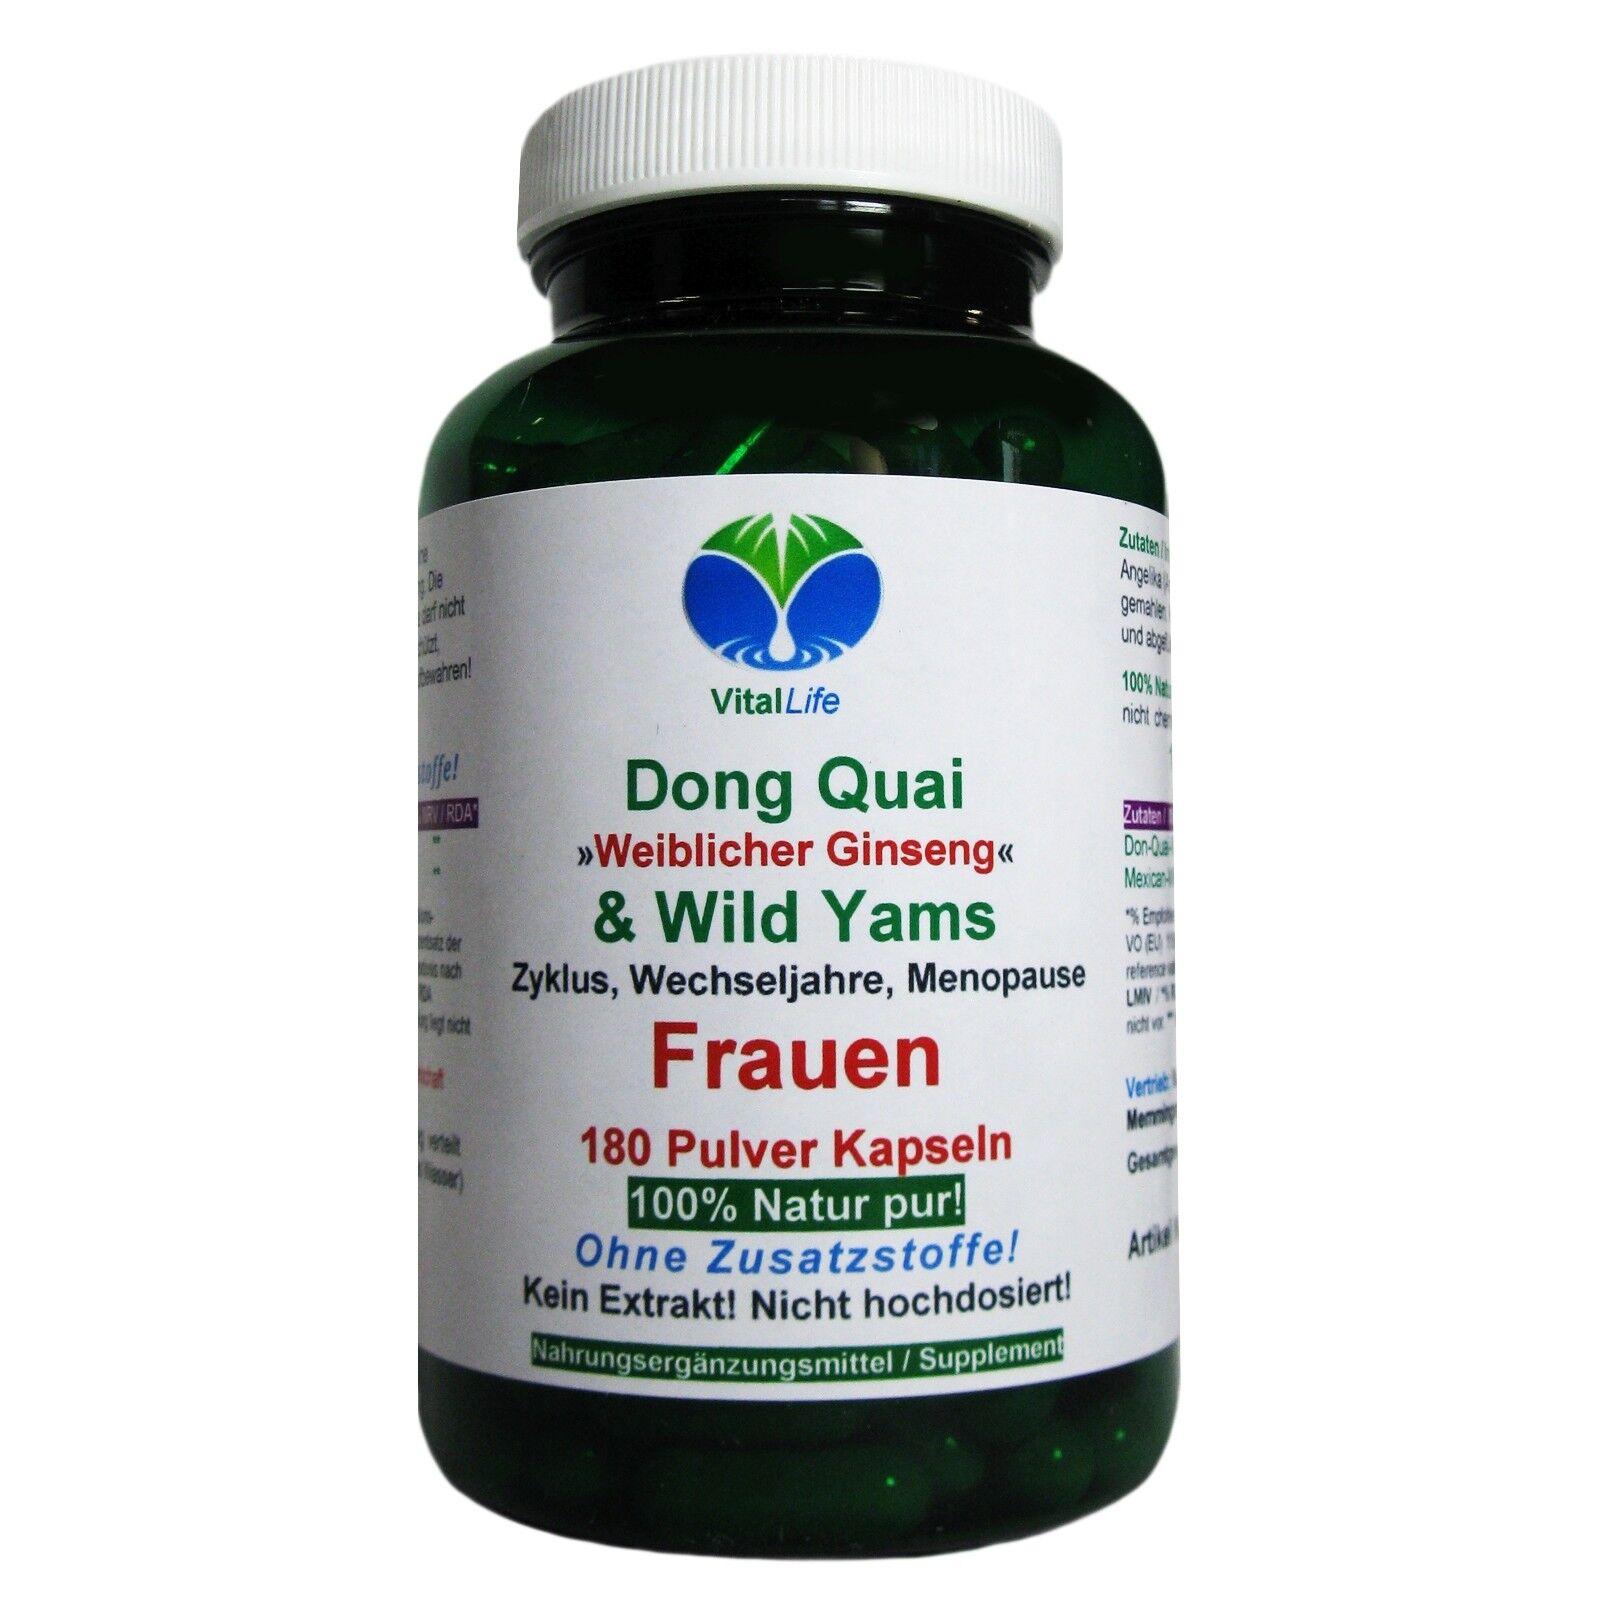 Dong Quai & Wild Yams 180 Pulver Kapseln Ohne Zusatzstoffe Natur Pur. 26407